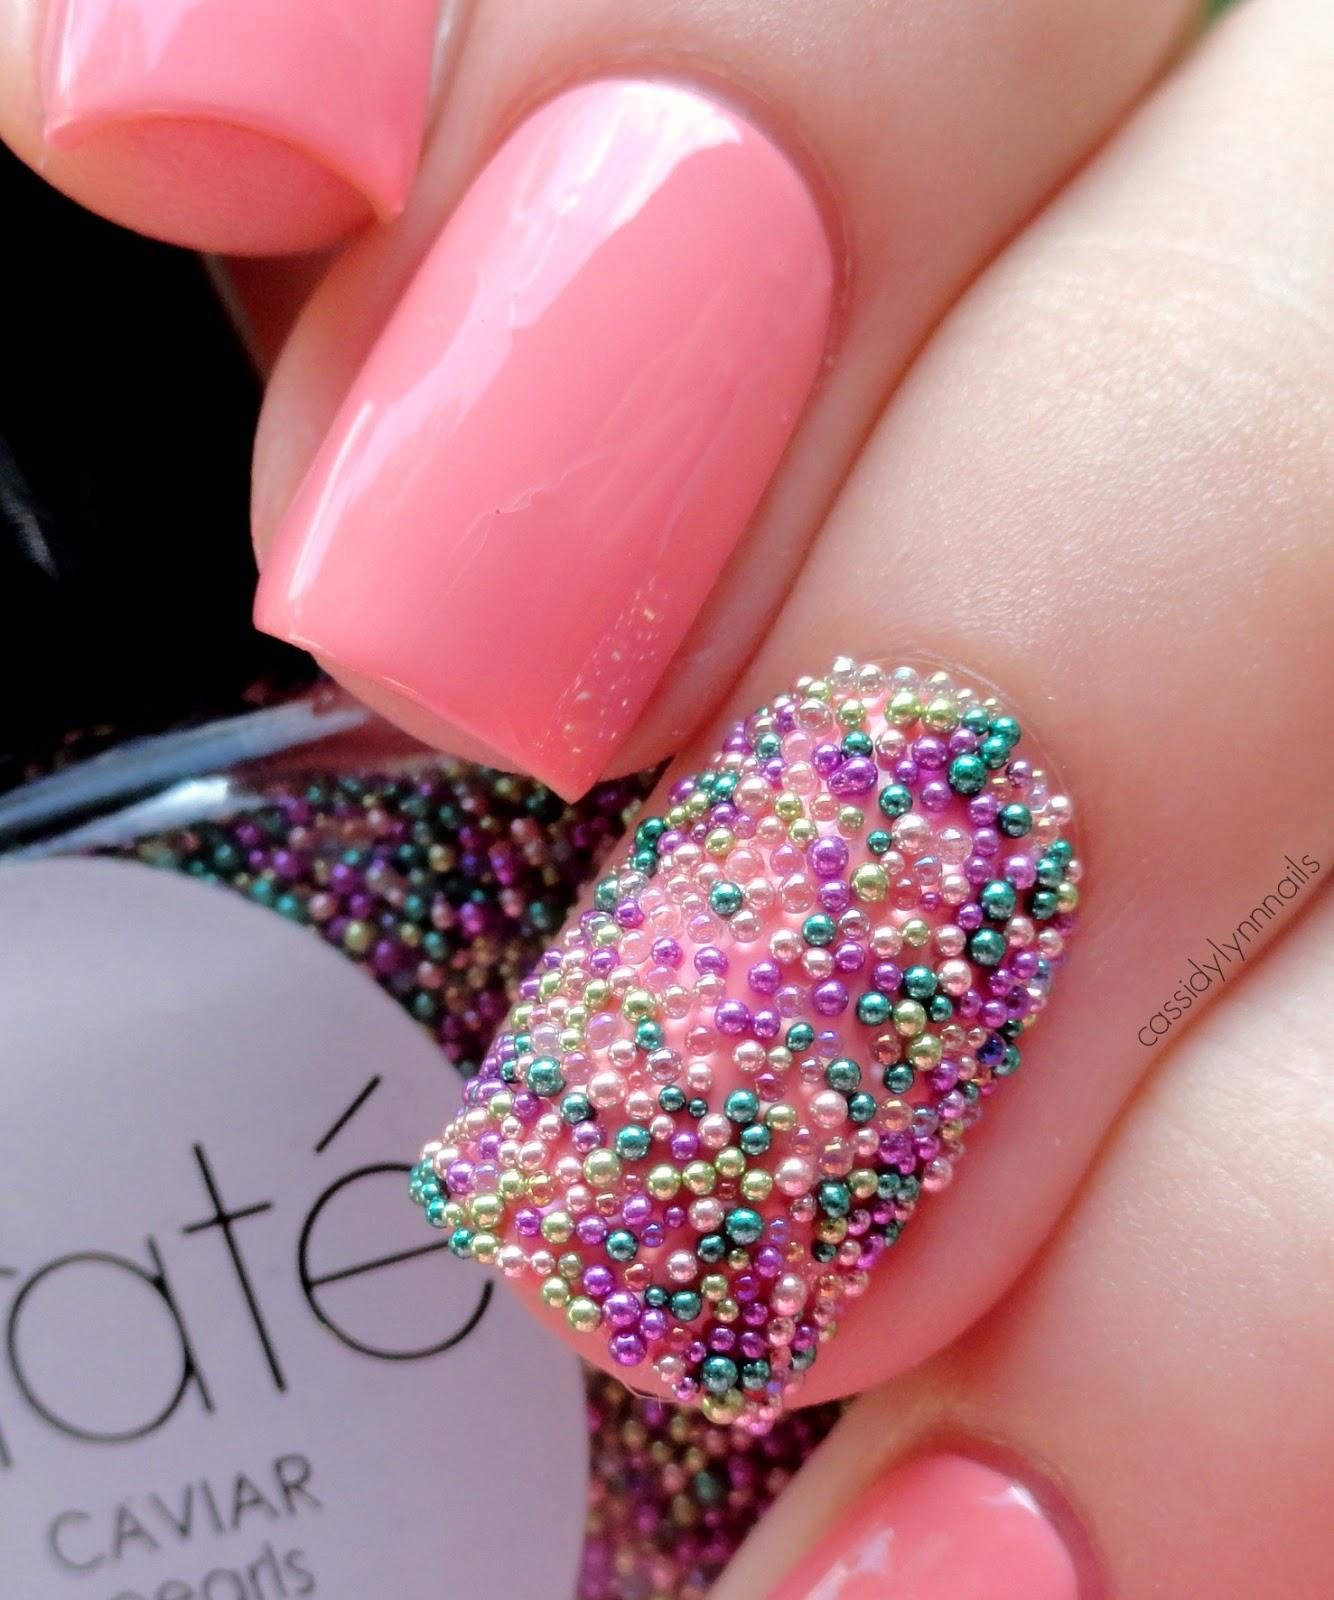 Caviar Nails: Ciaté Caviar Manicure ♥